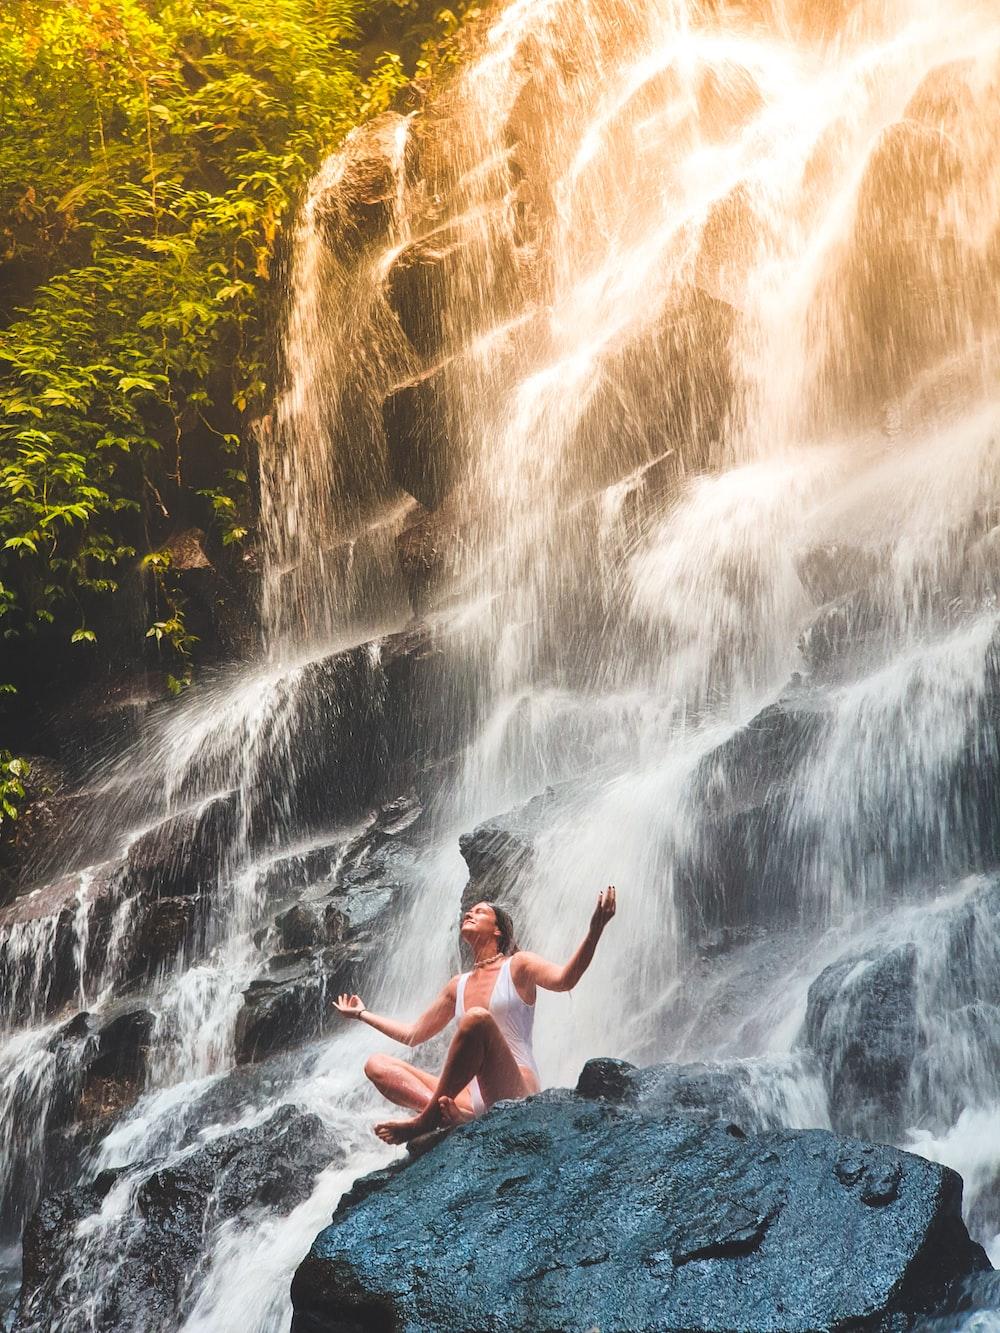 woman in white monokini sitting on rock